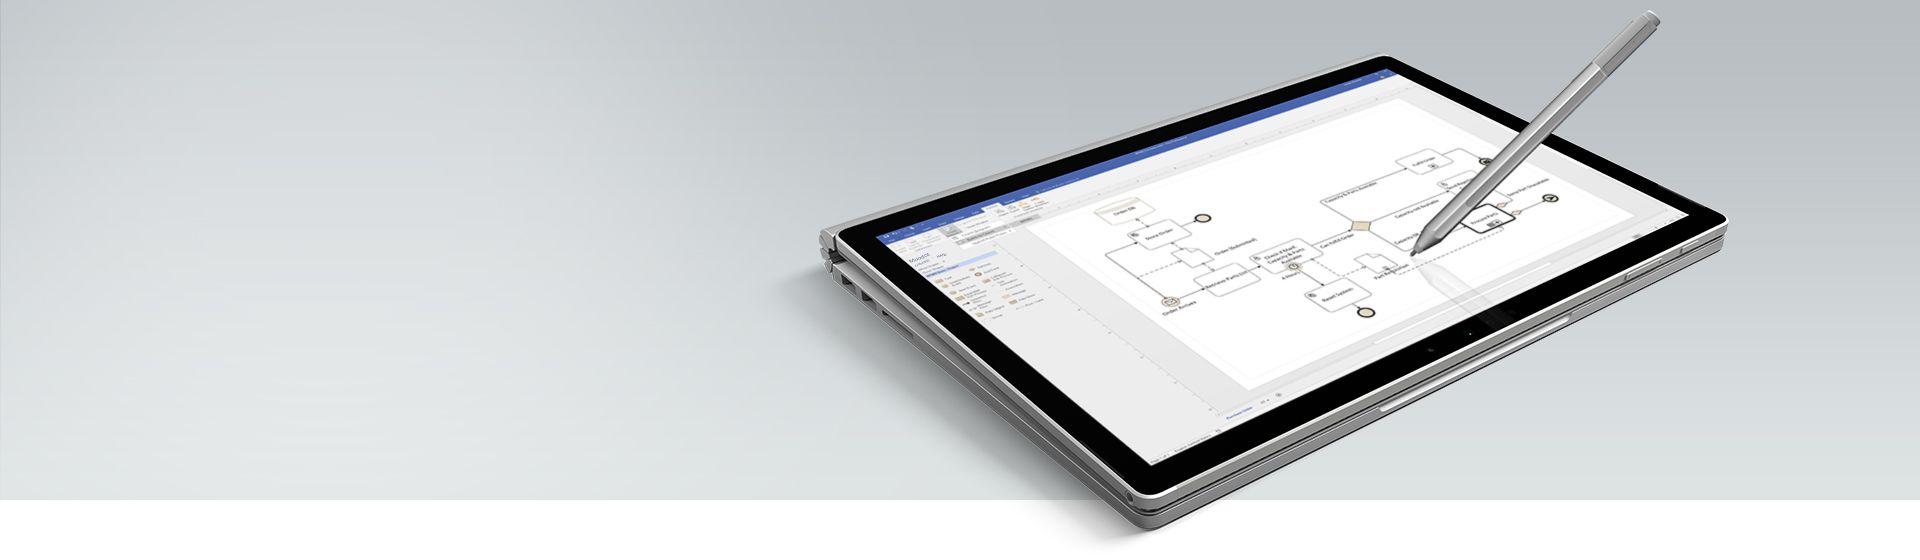 Surface-tabletti, jossa näkyy Vision prosessikaavio